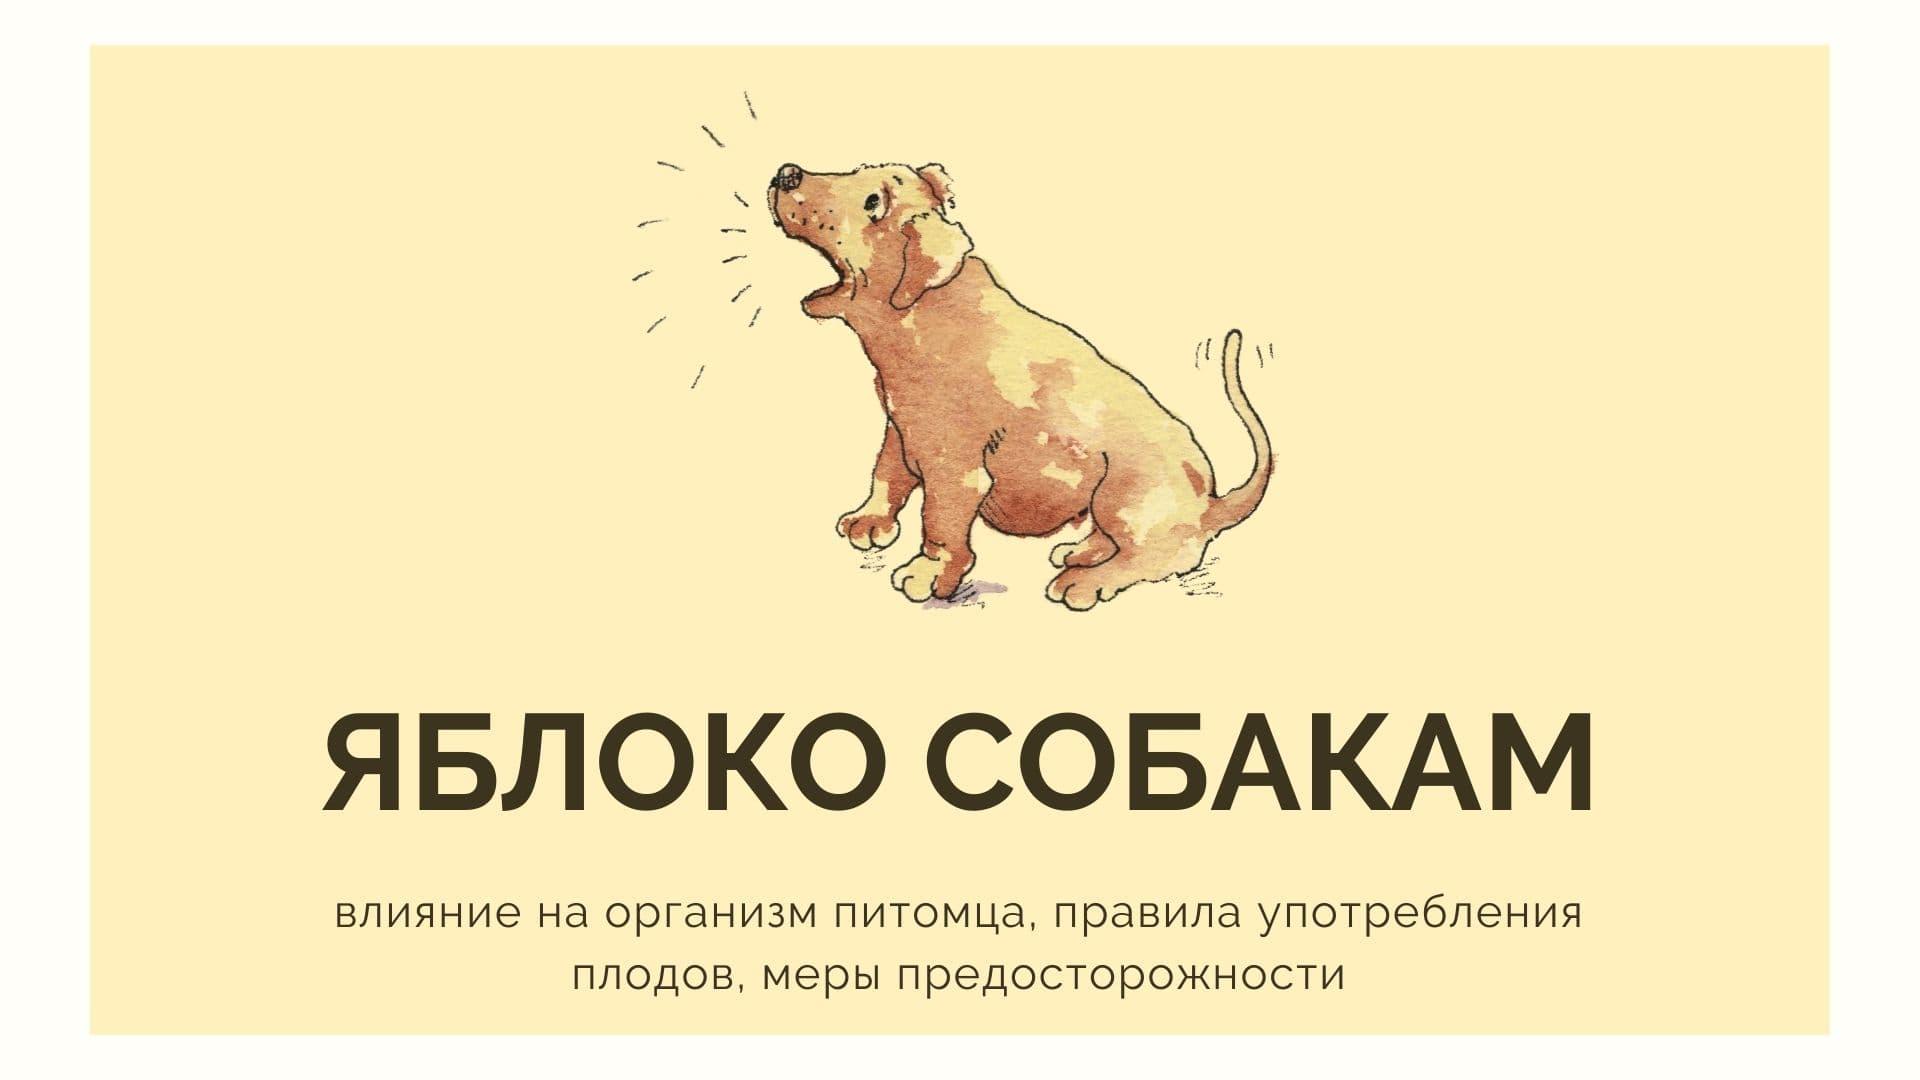 Яблоко собакам: влияние на организм питомца, правила употребления плодов, меры предосторожности